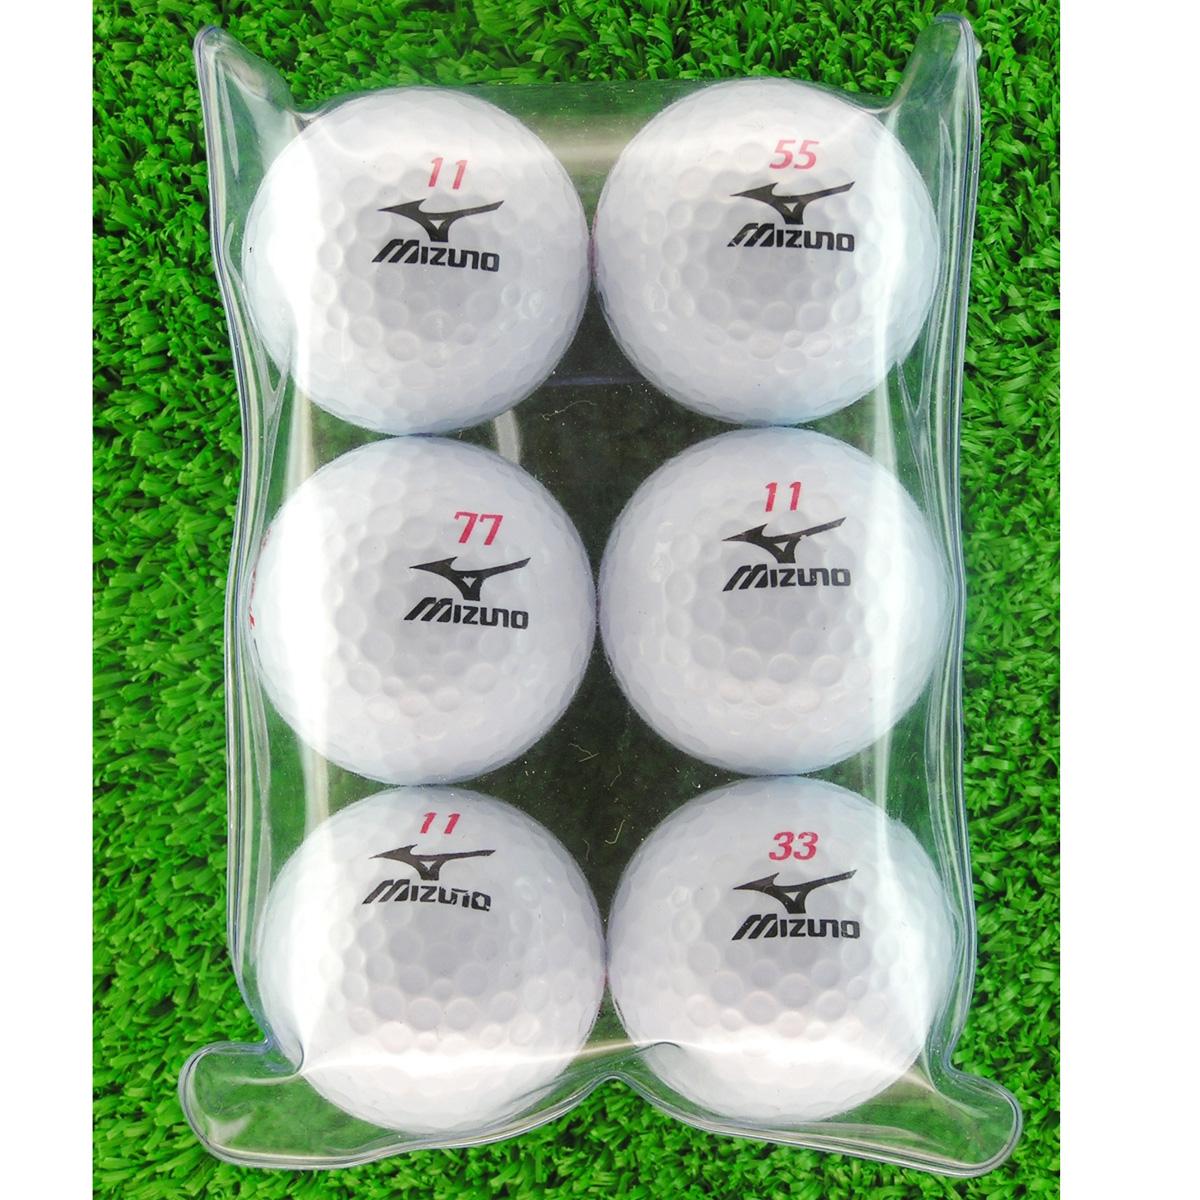 メイホウゴルフ ロストボール ミズノ クロスエイト T-ZOID 6個入り4パック24個セット